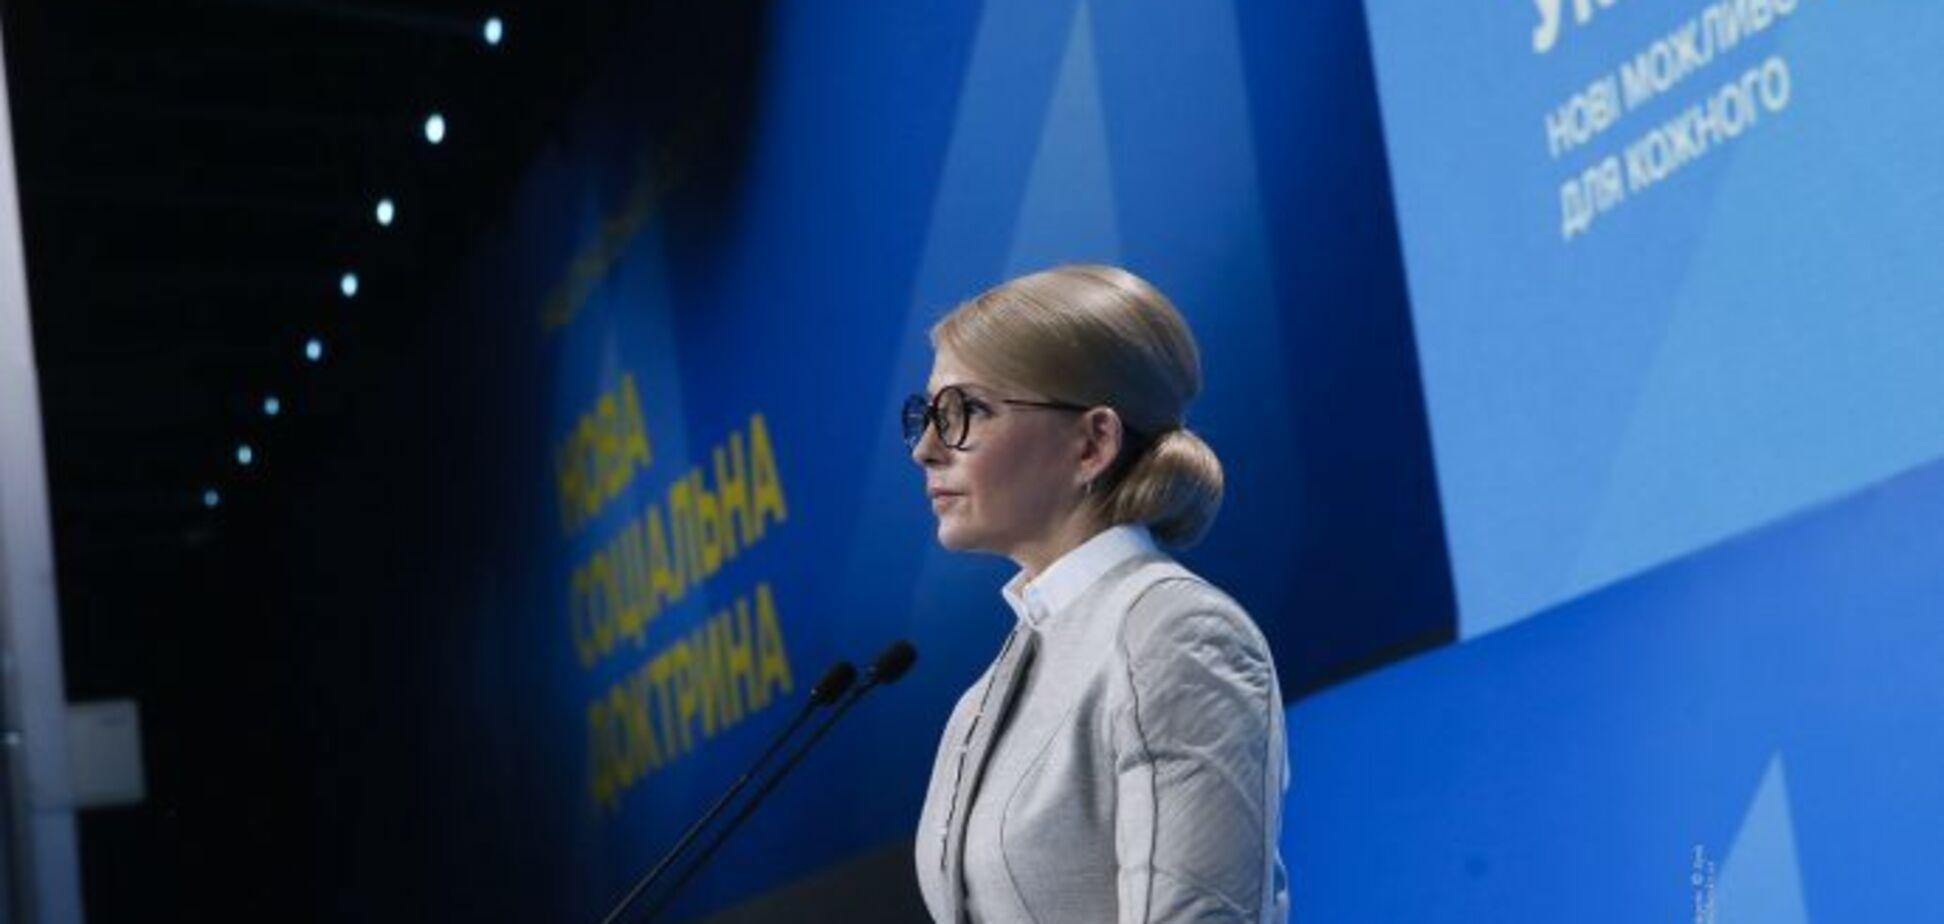 Тимошенко не тільки щось пропонує, але і має політичну волю реалізувати наміри